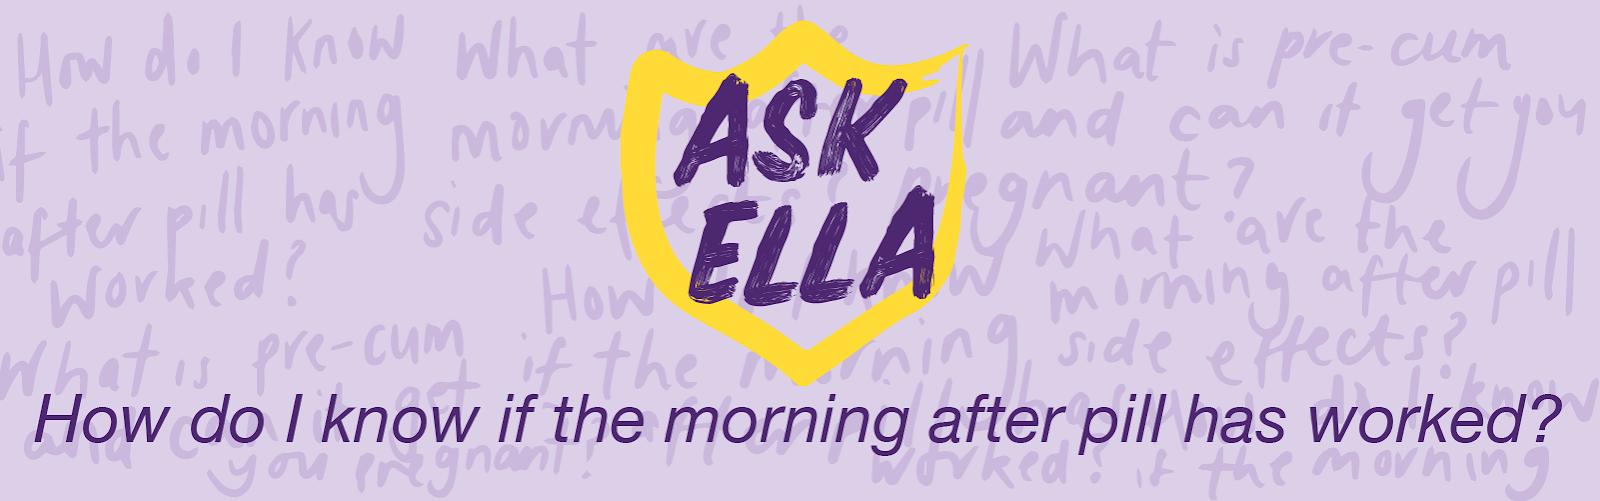 AskElla_Blog_01.png